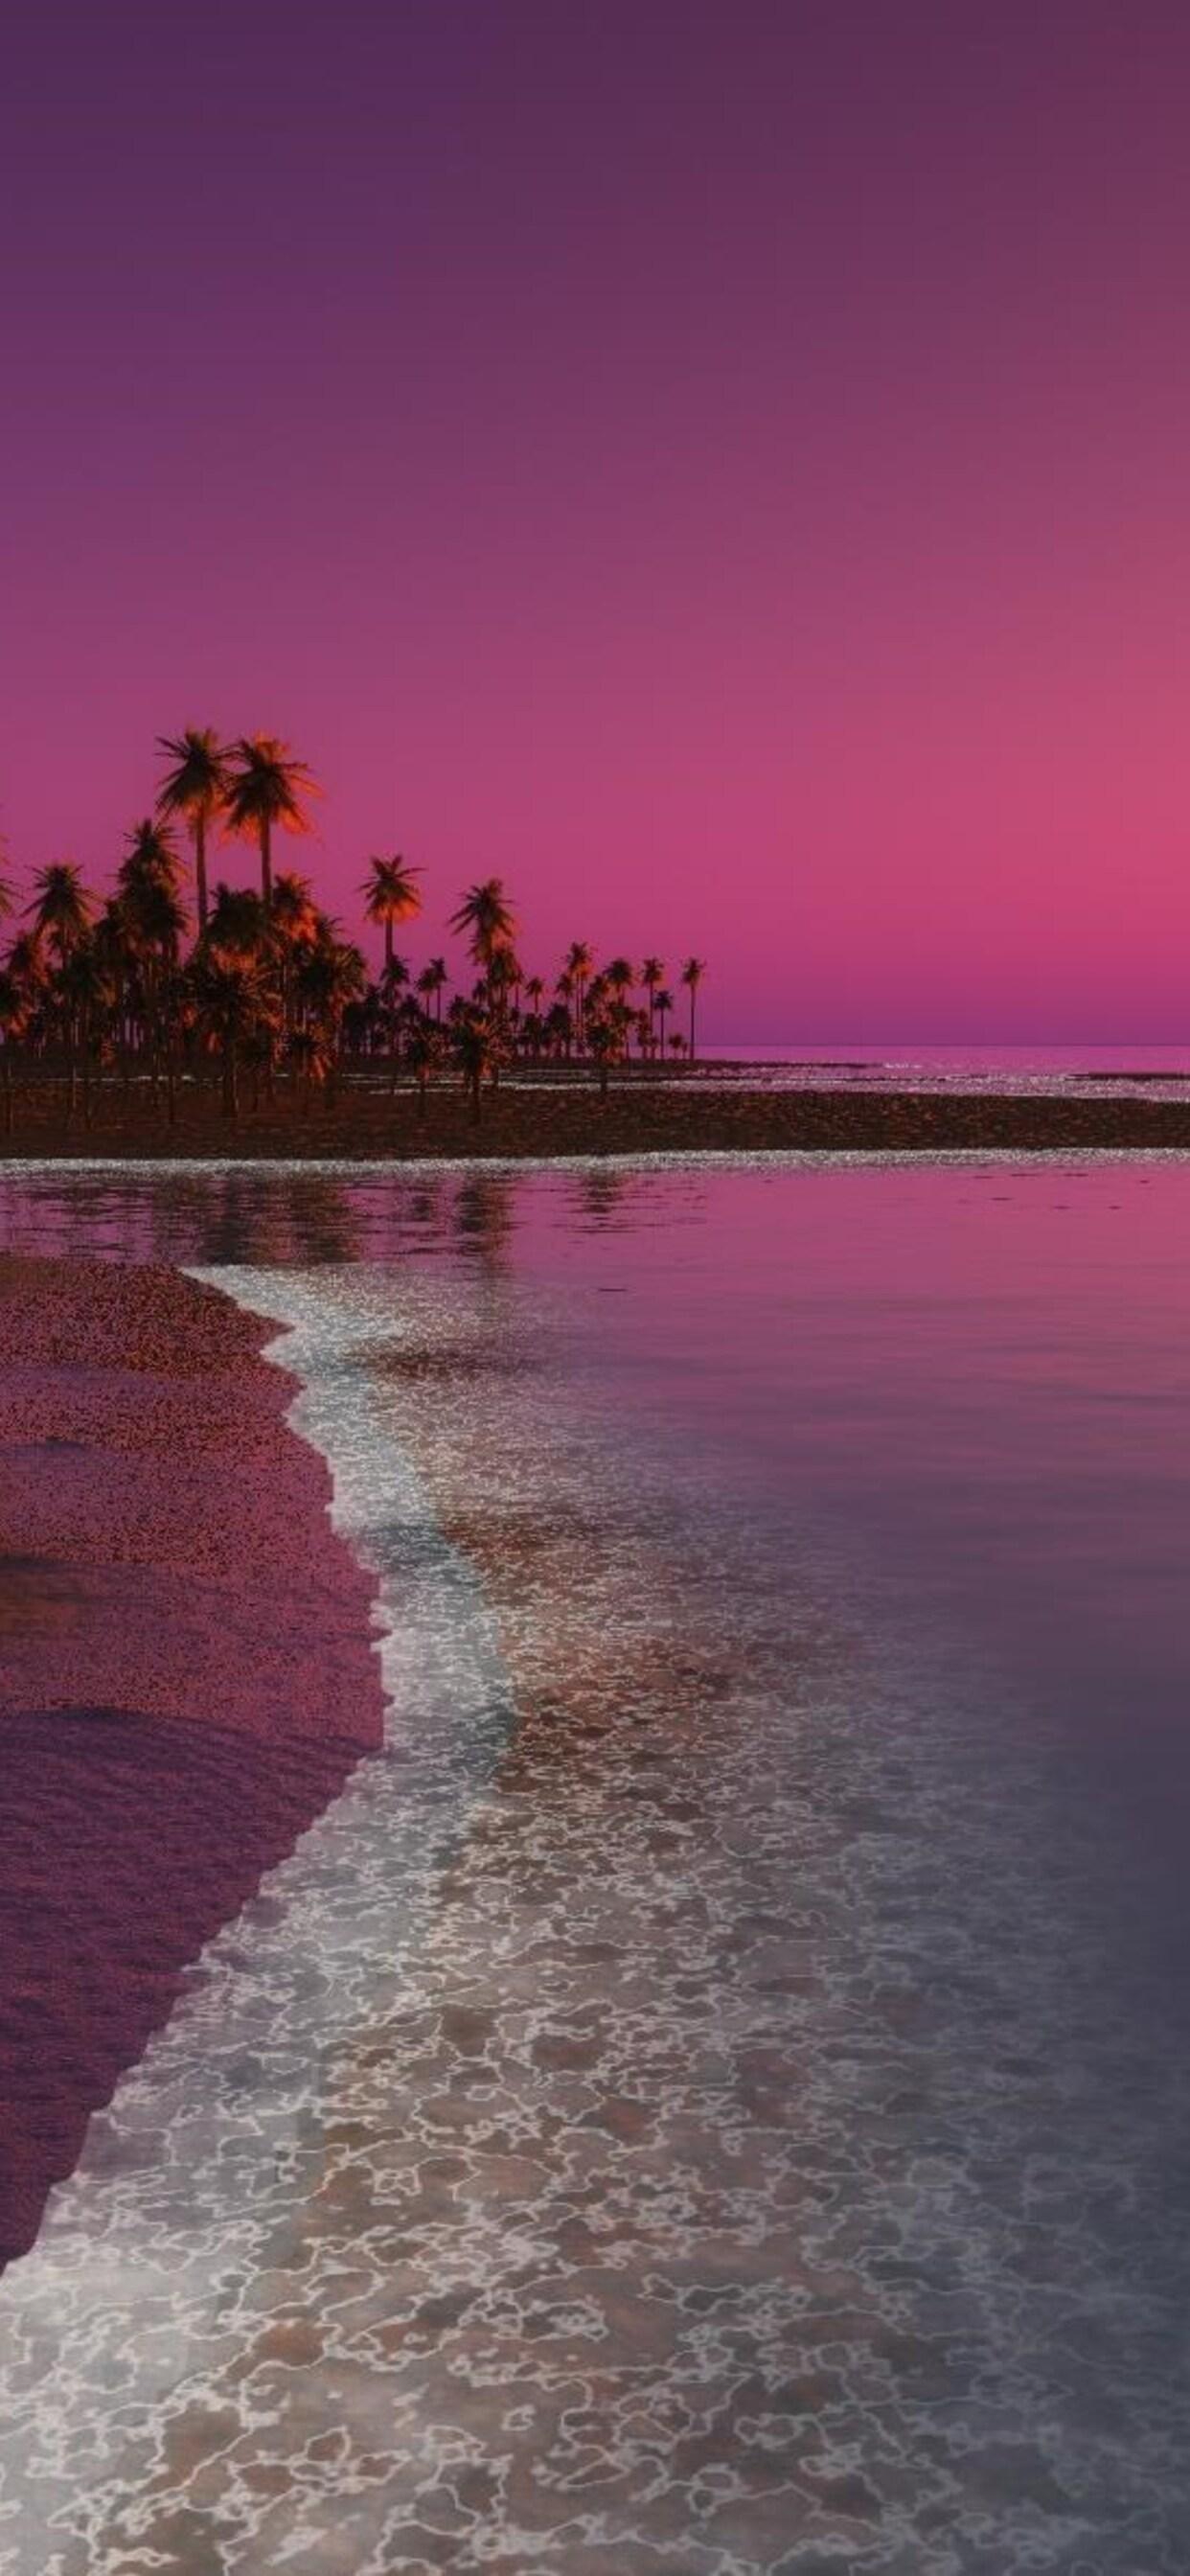 1242x2688 Digital Coastal Beach Sunset Iphone Xs Max Hd 4k